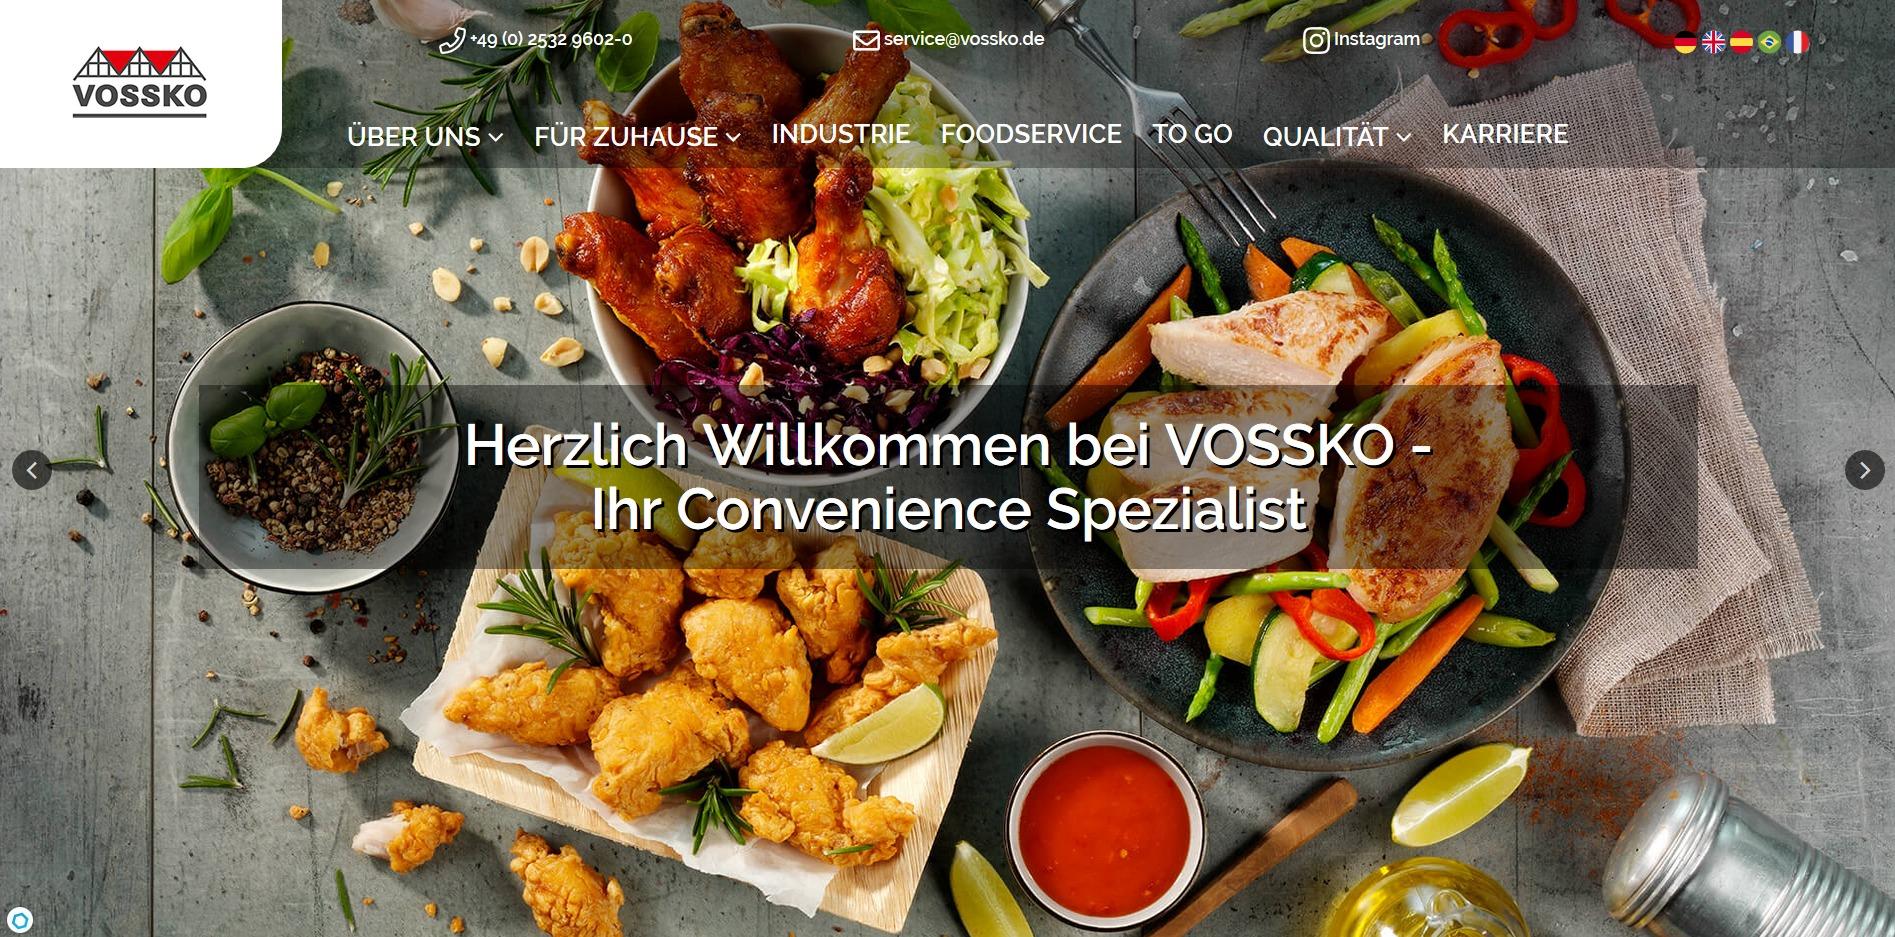 Startseite von Vossko